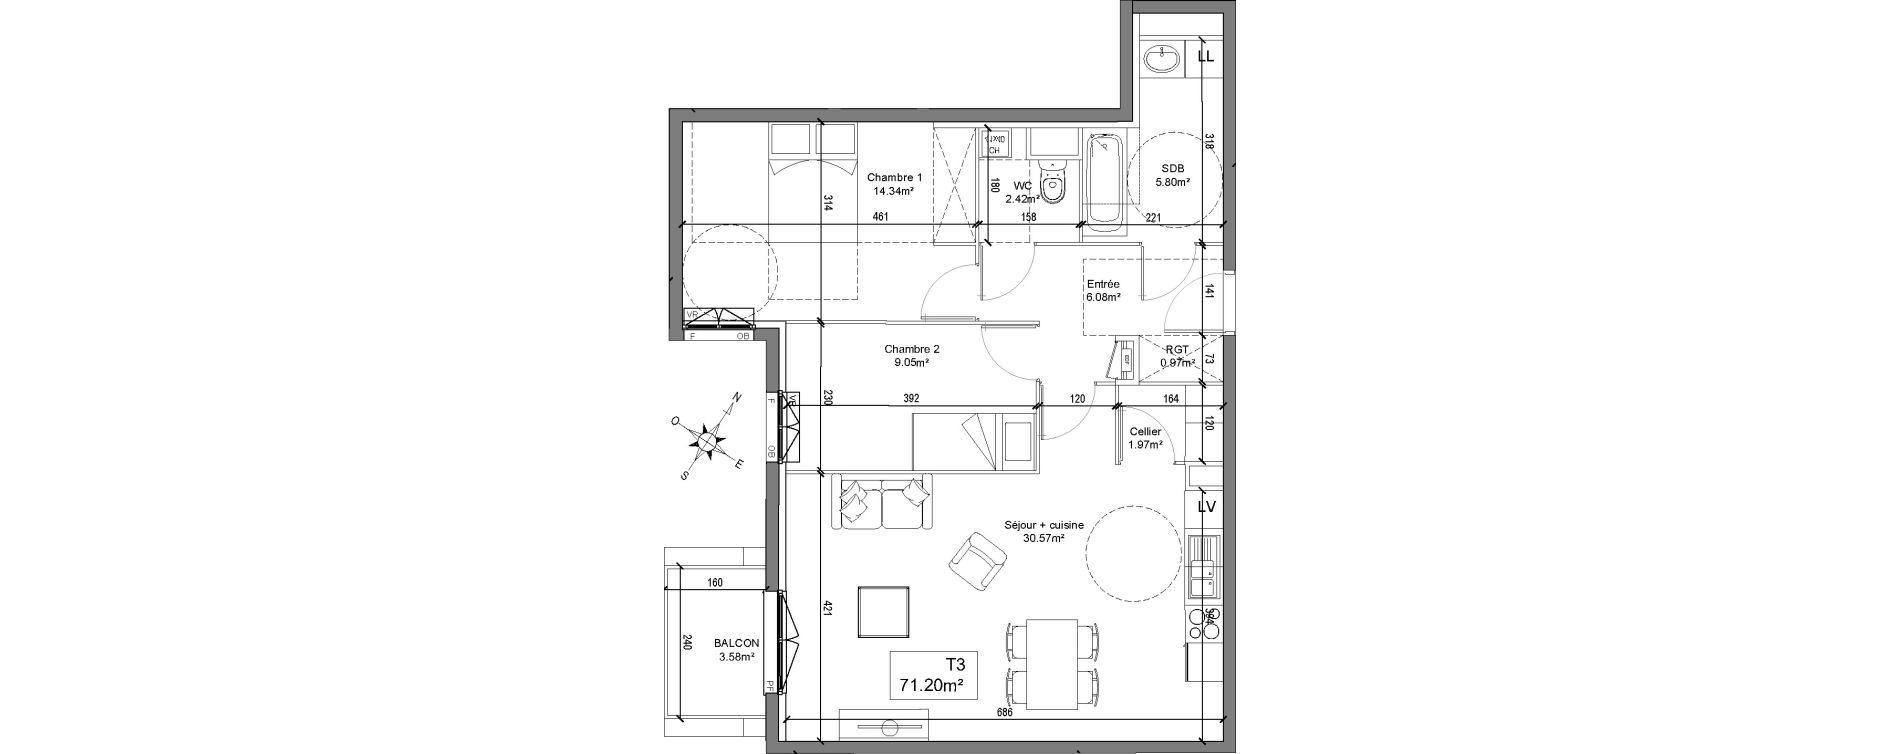 Appartement T3 de 71,20 m2 à Linselles Centre